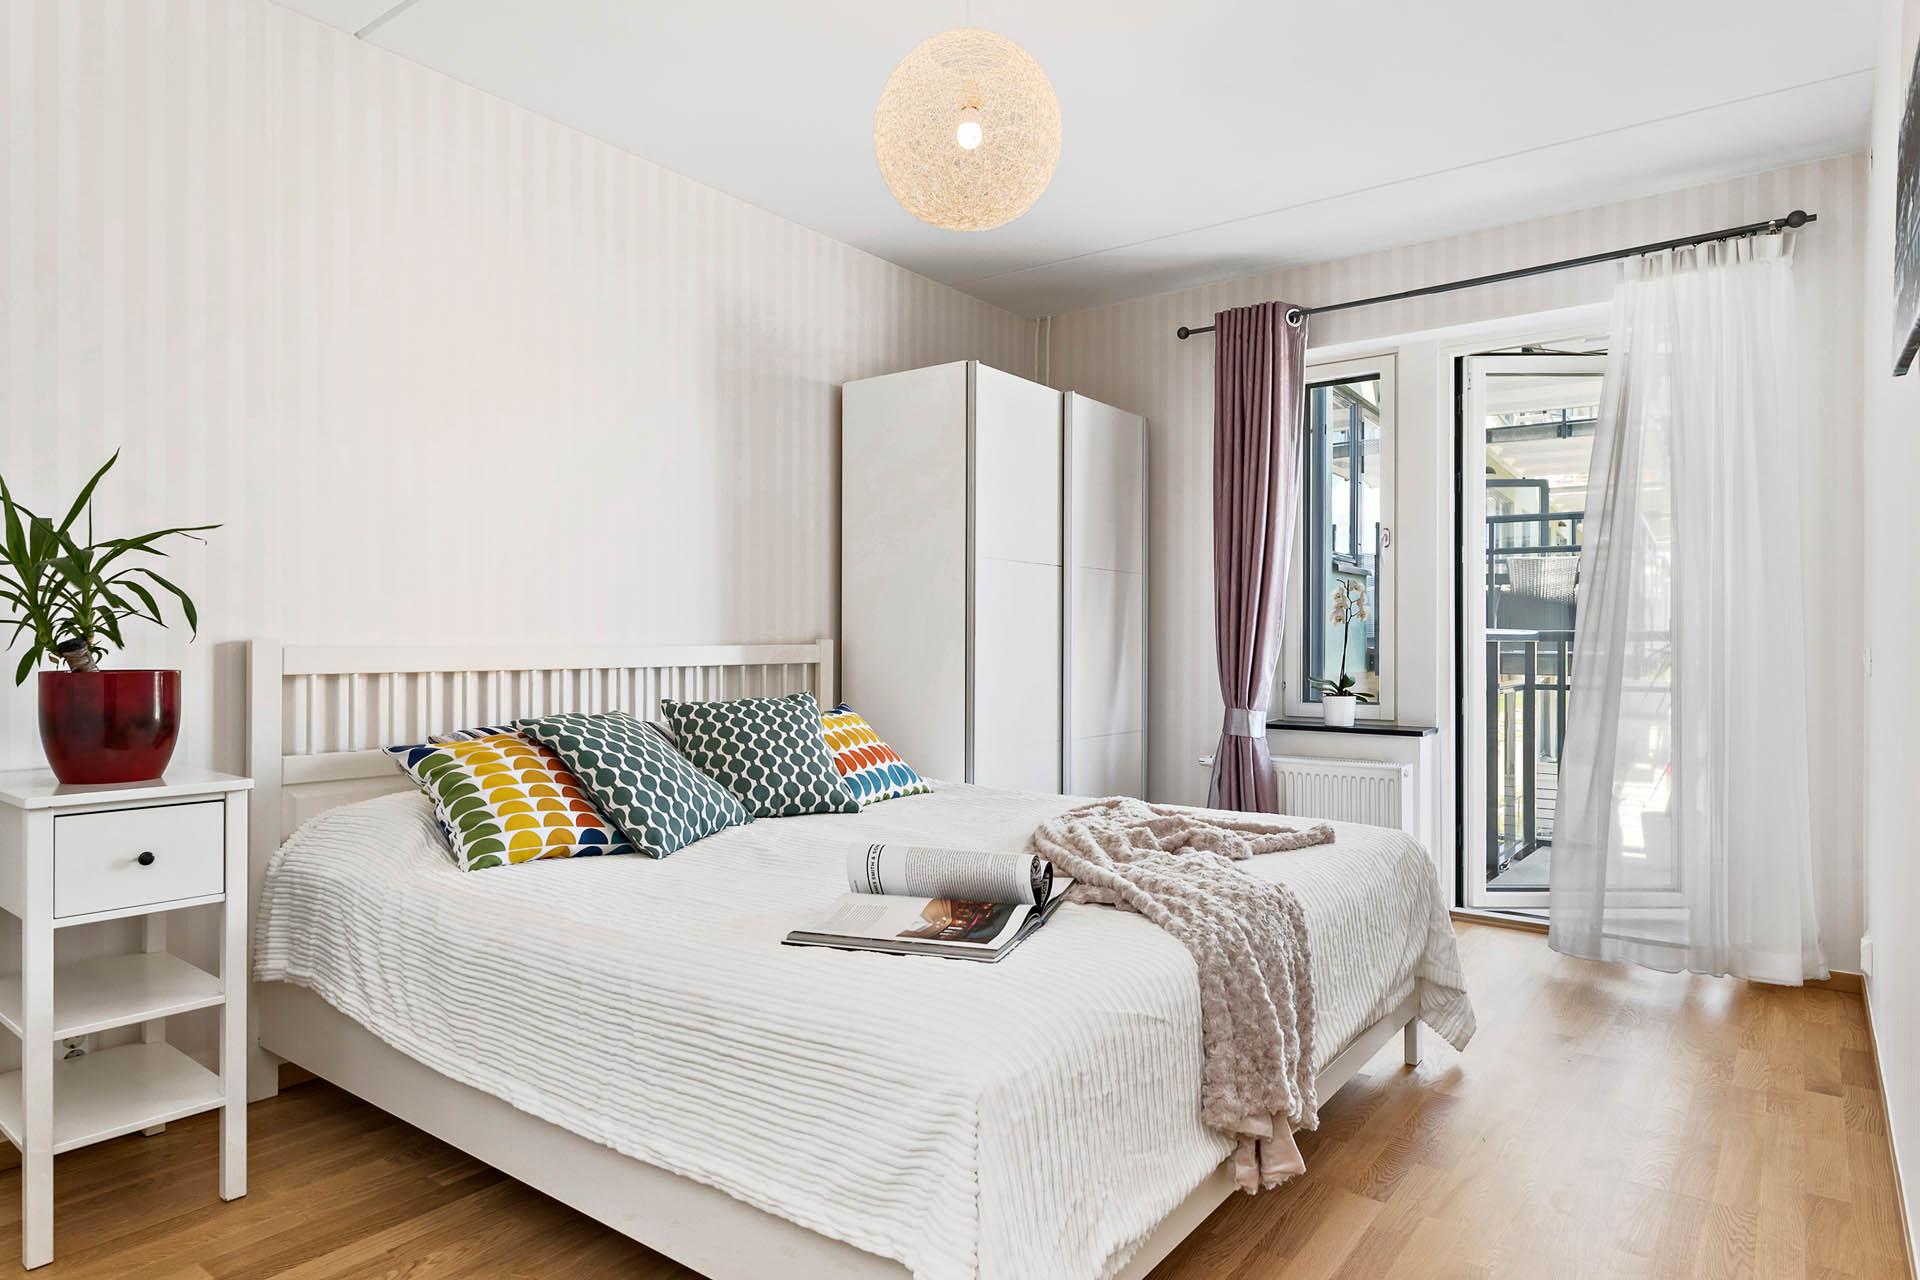 Sovrum Ett - Master bedroom med utgång till den andra balkongen